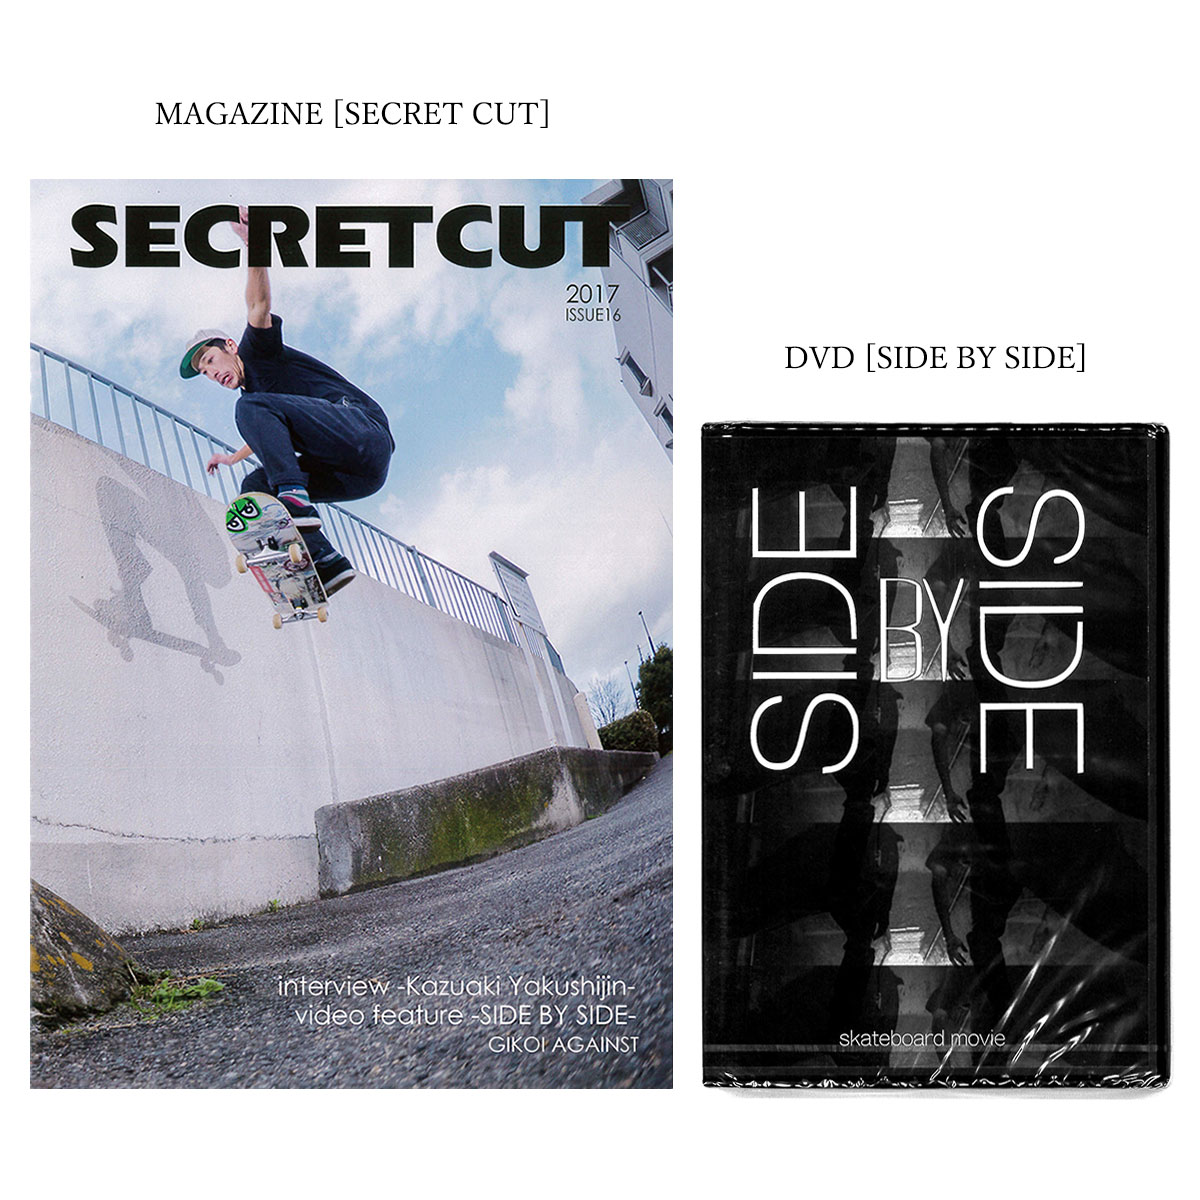 【メール便送料無料】 SIDE BY SIDE DVD 雑誌 SECRETCUT issue16付 スケートボード DVD フルレングスビデオ 【あす楽対応】